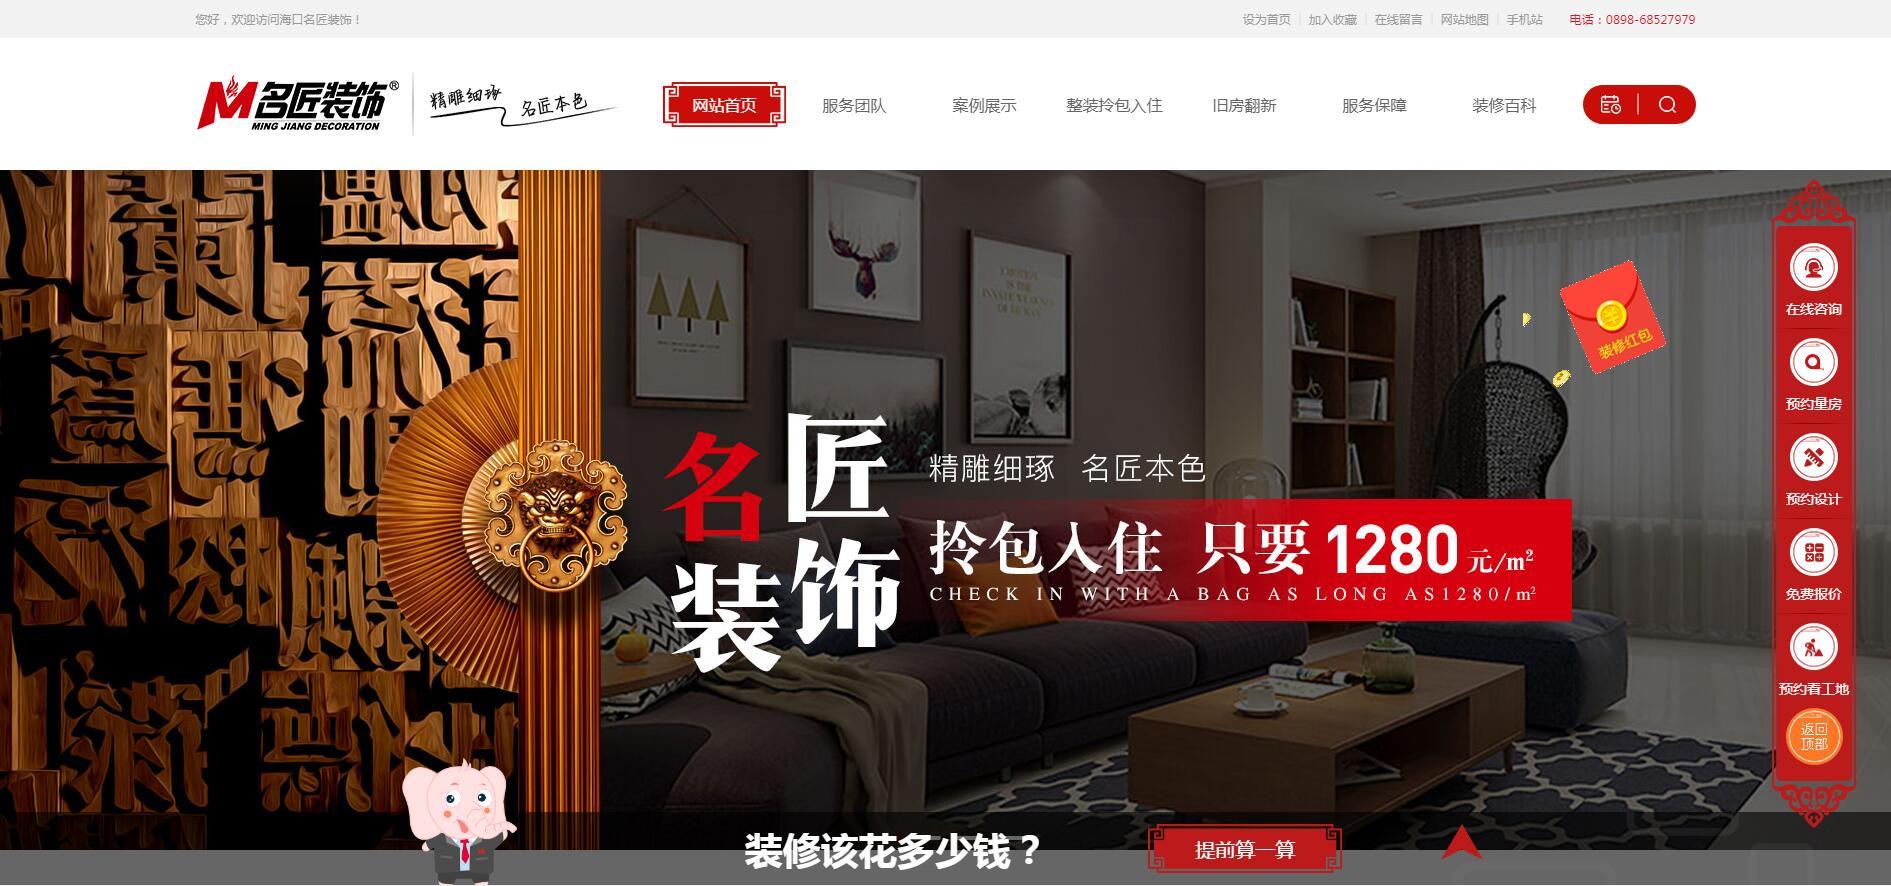 乐后屋装企营销平台热烈祝贺海口名匠装饰2020新版官网上线!